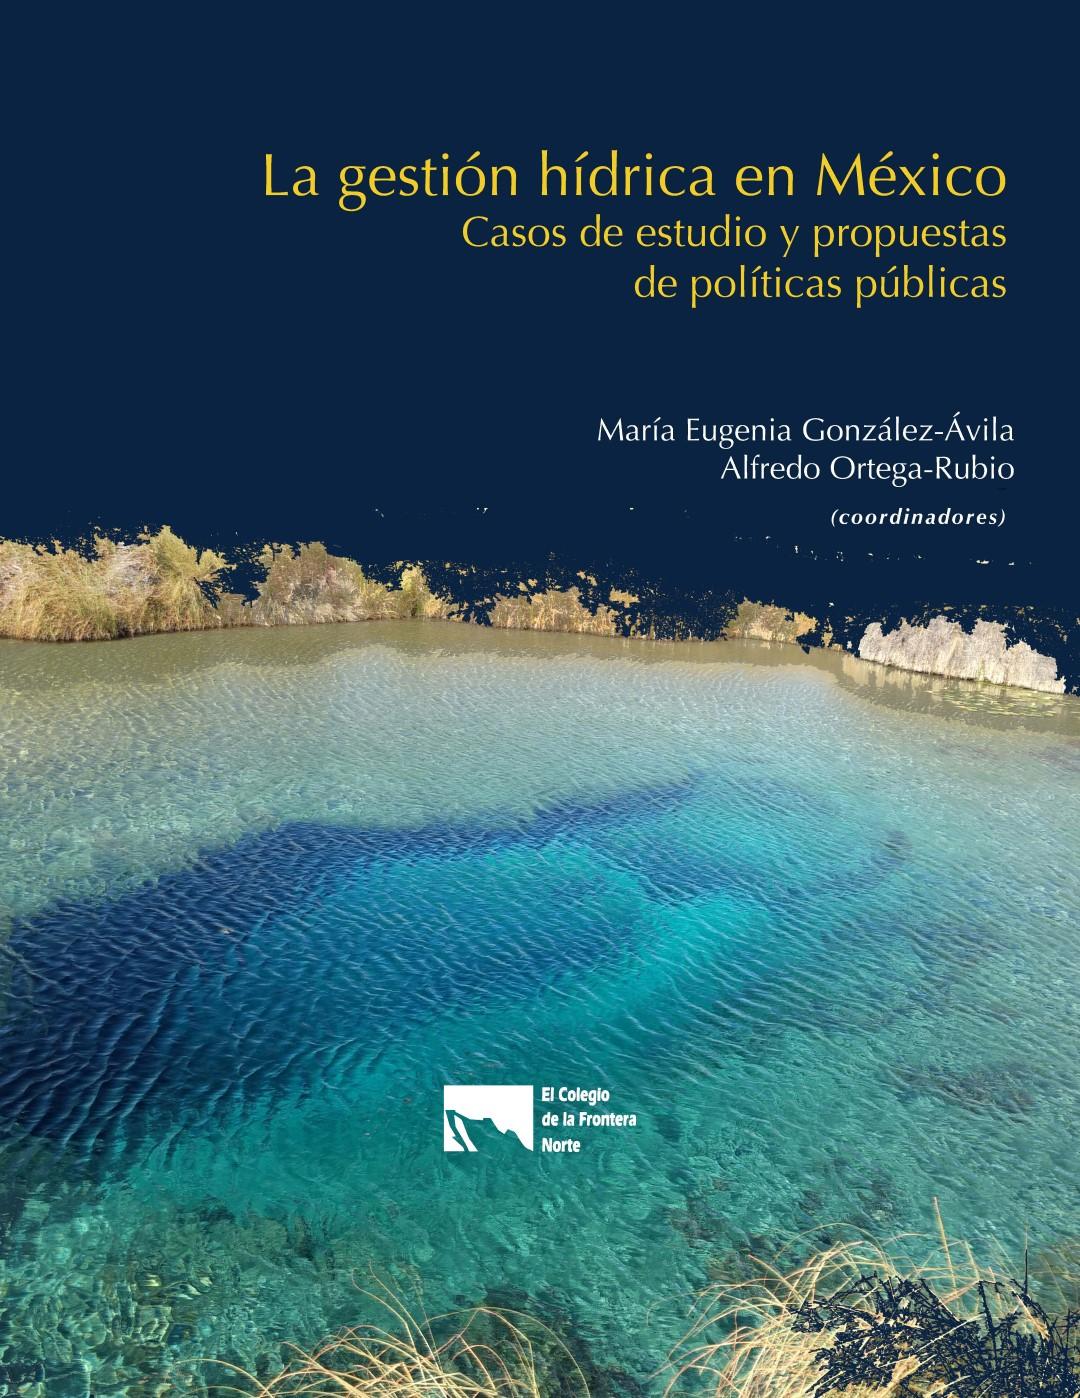 La gestión hídrica en México: Casos de estudio y propuestas de políticas públicas